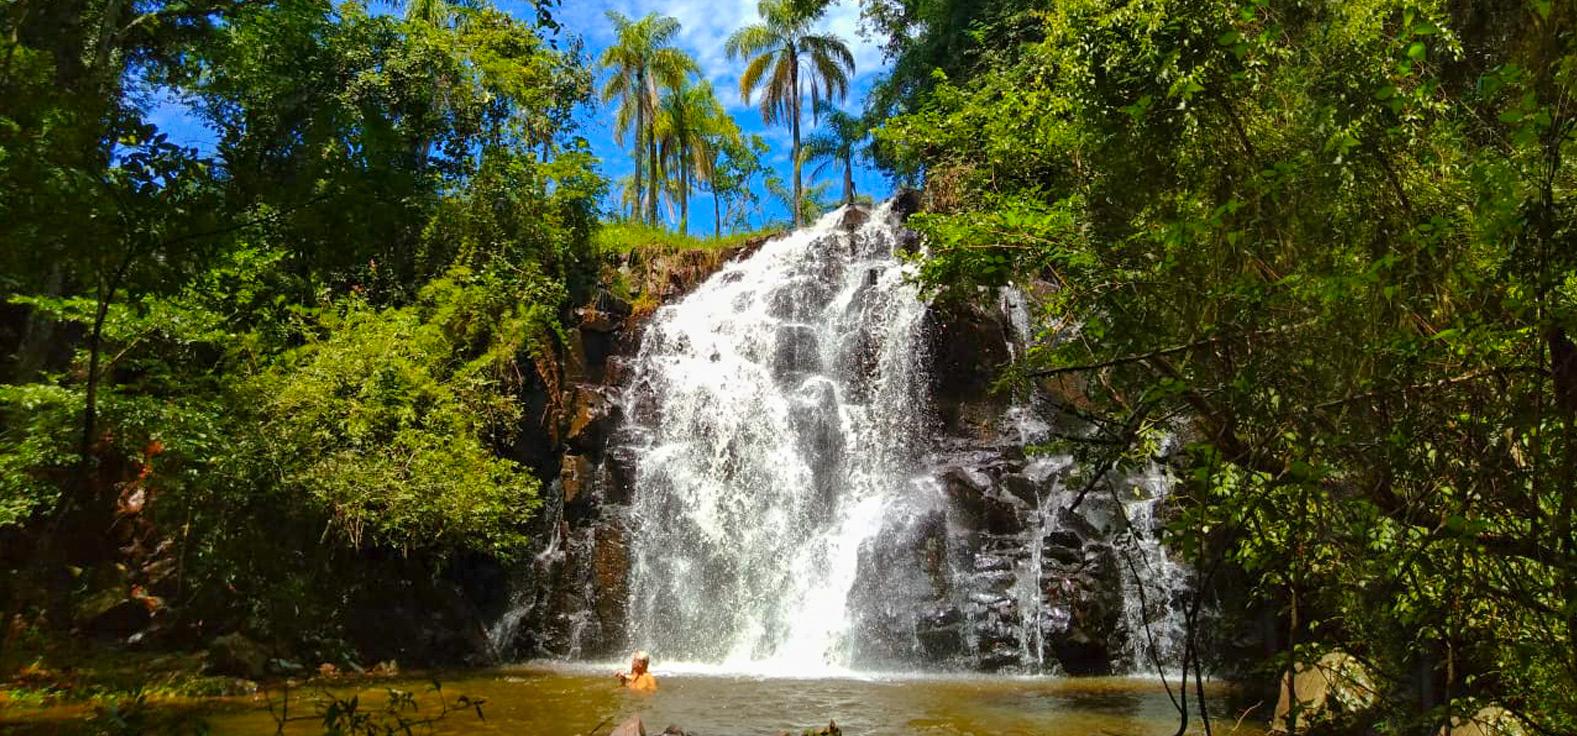 Cachoeira São José em Itirapina